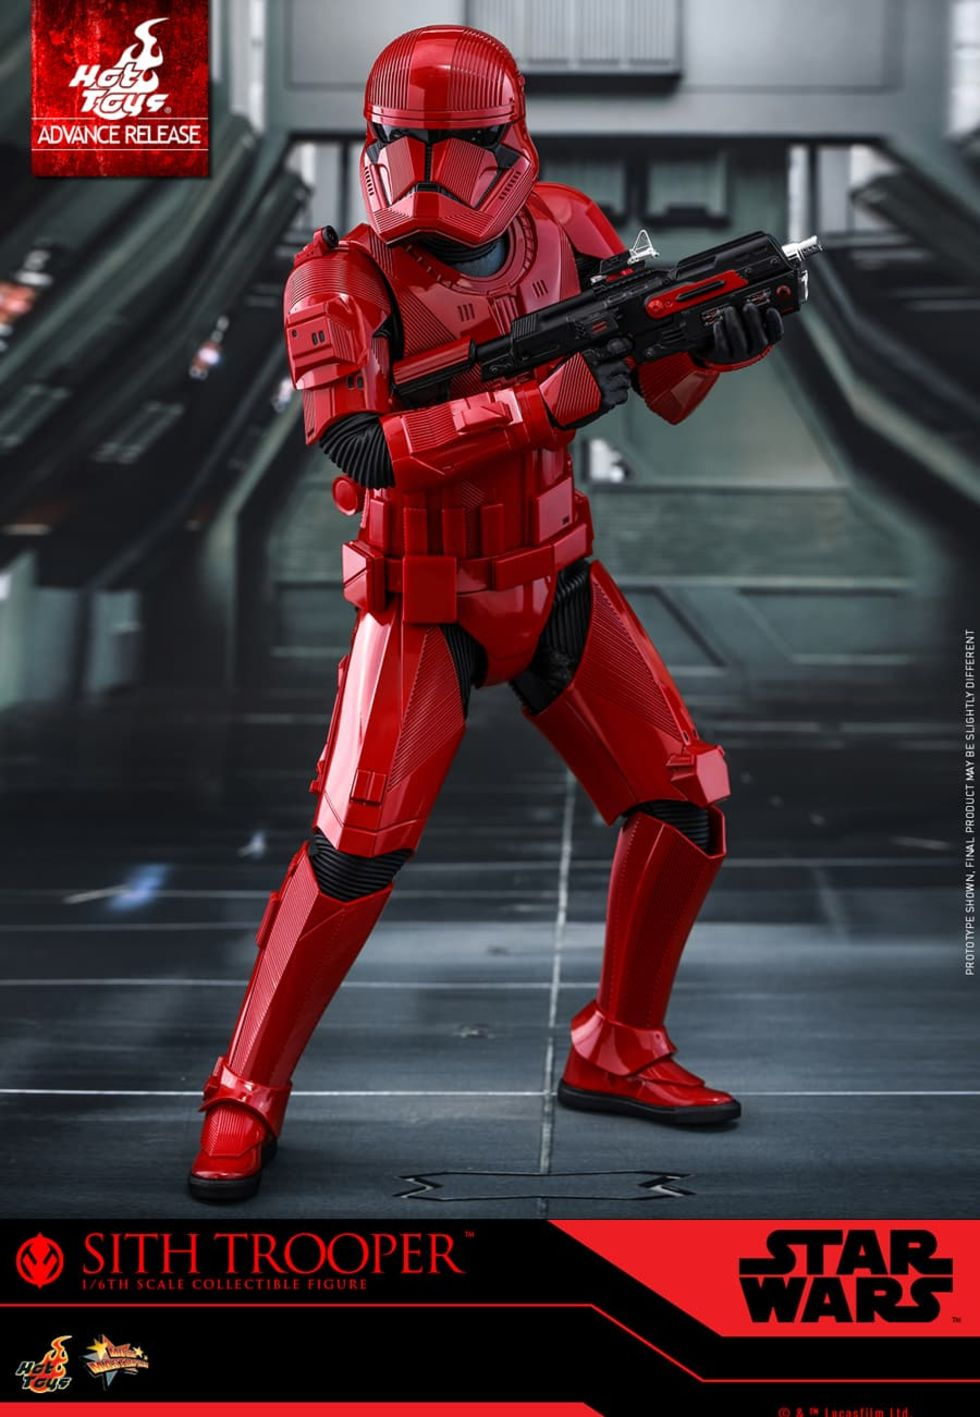 En första titt på Star Wars Sith Troopers